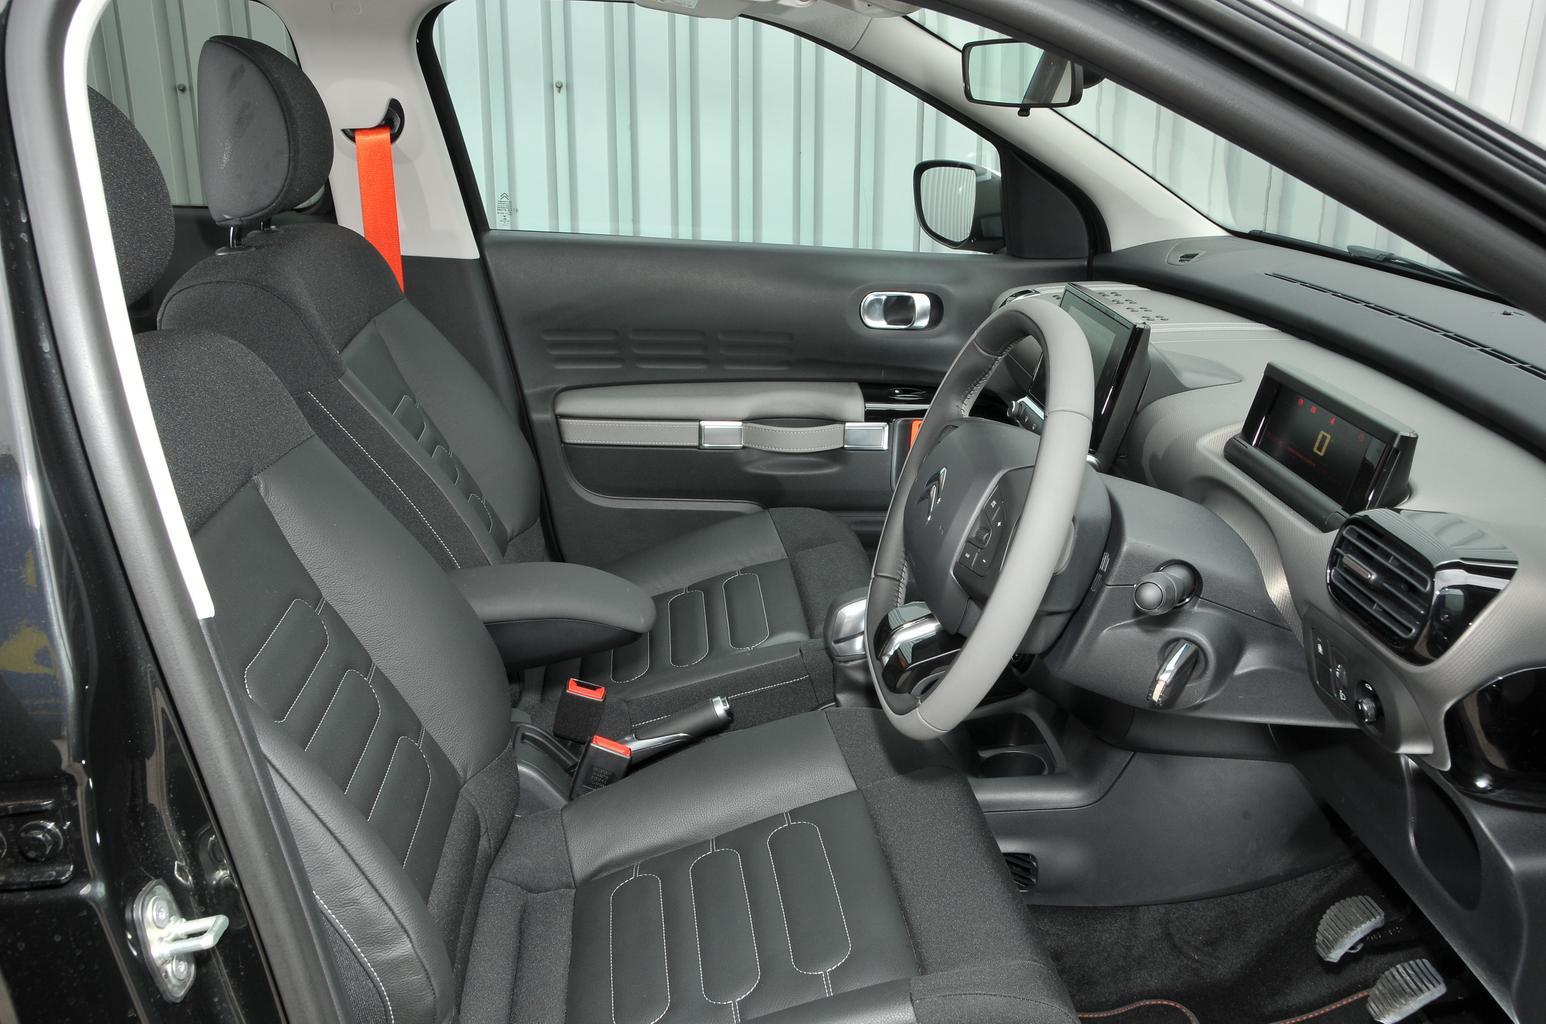 2016 Citroën C4 Cactus 1.2 Puretech 110 Rip Curl review